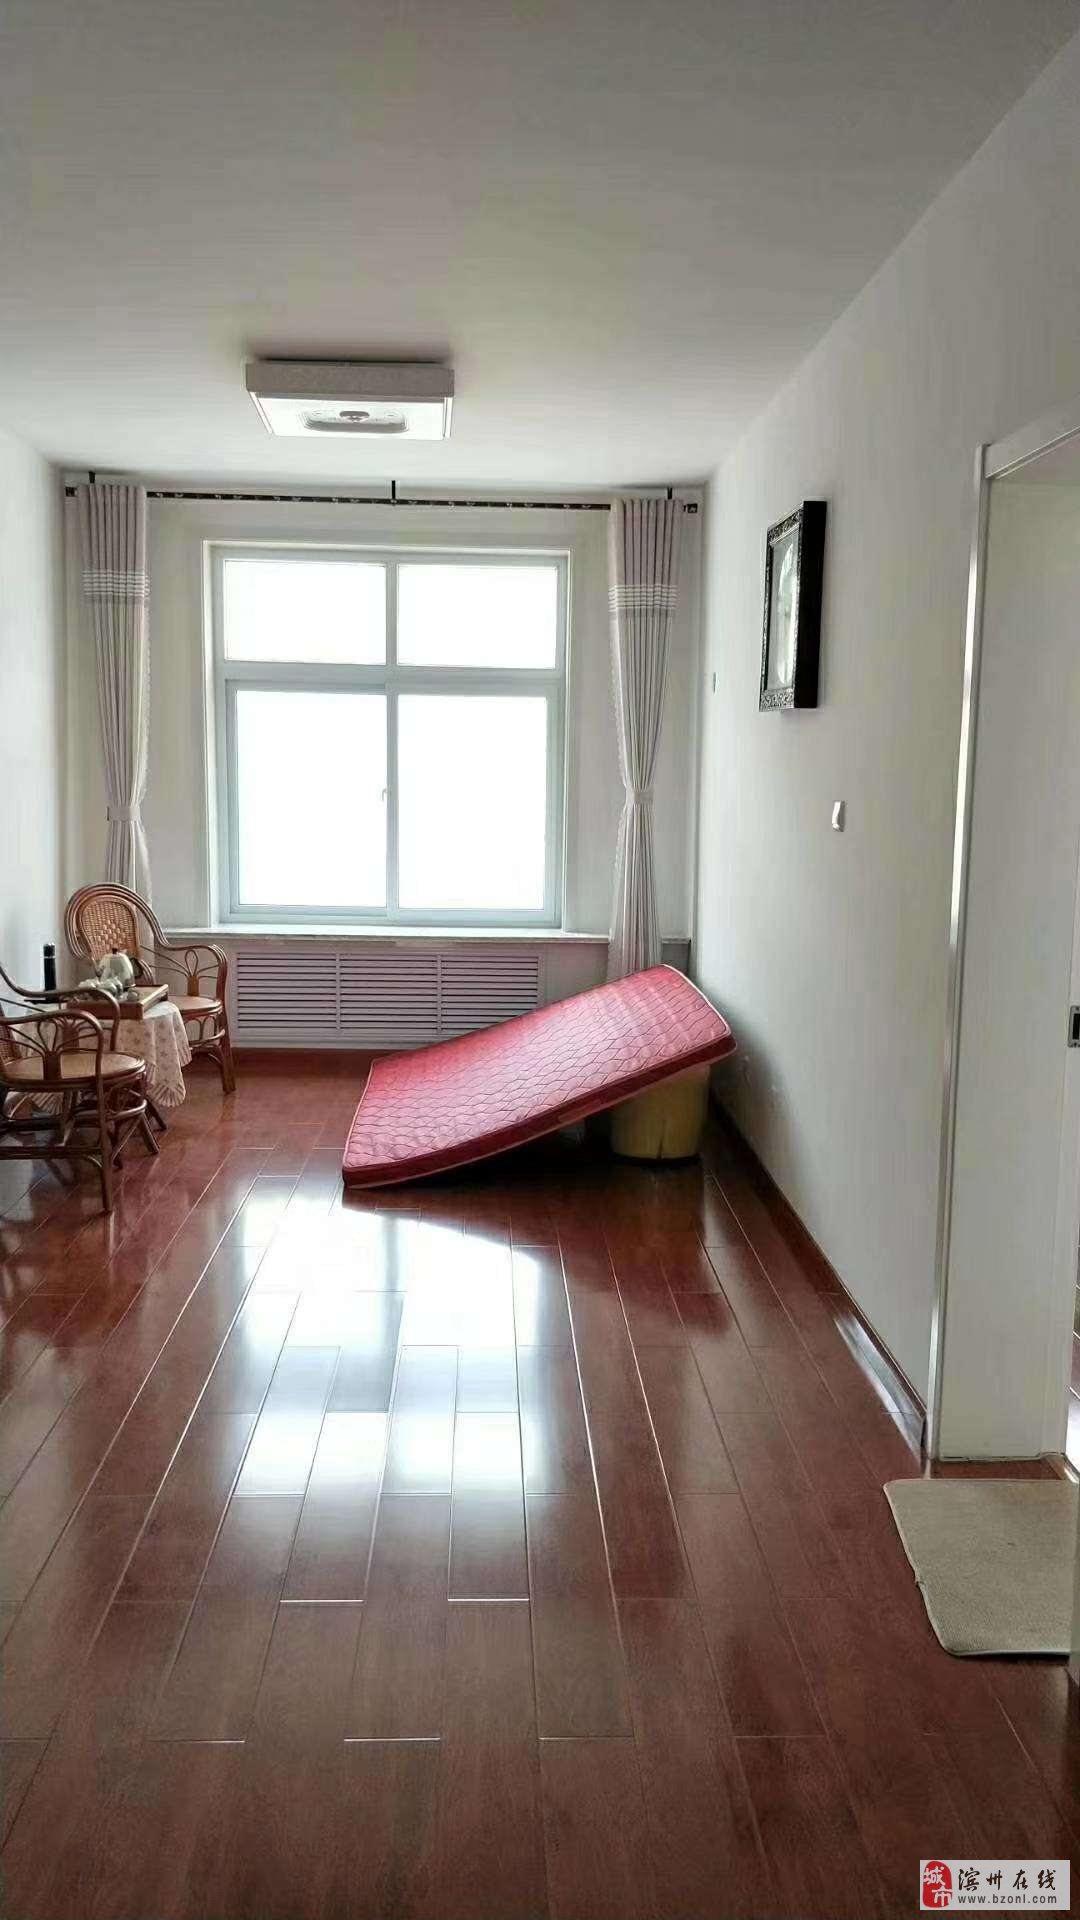 印象江南三四楼复式精装4室3厅2卫带车库储藏